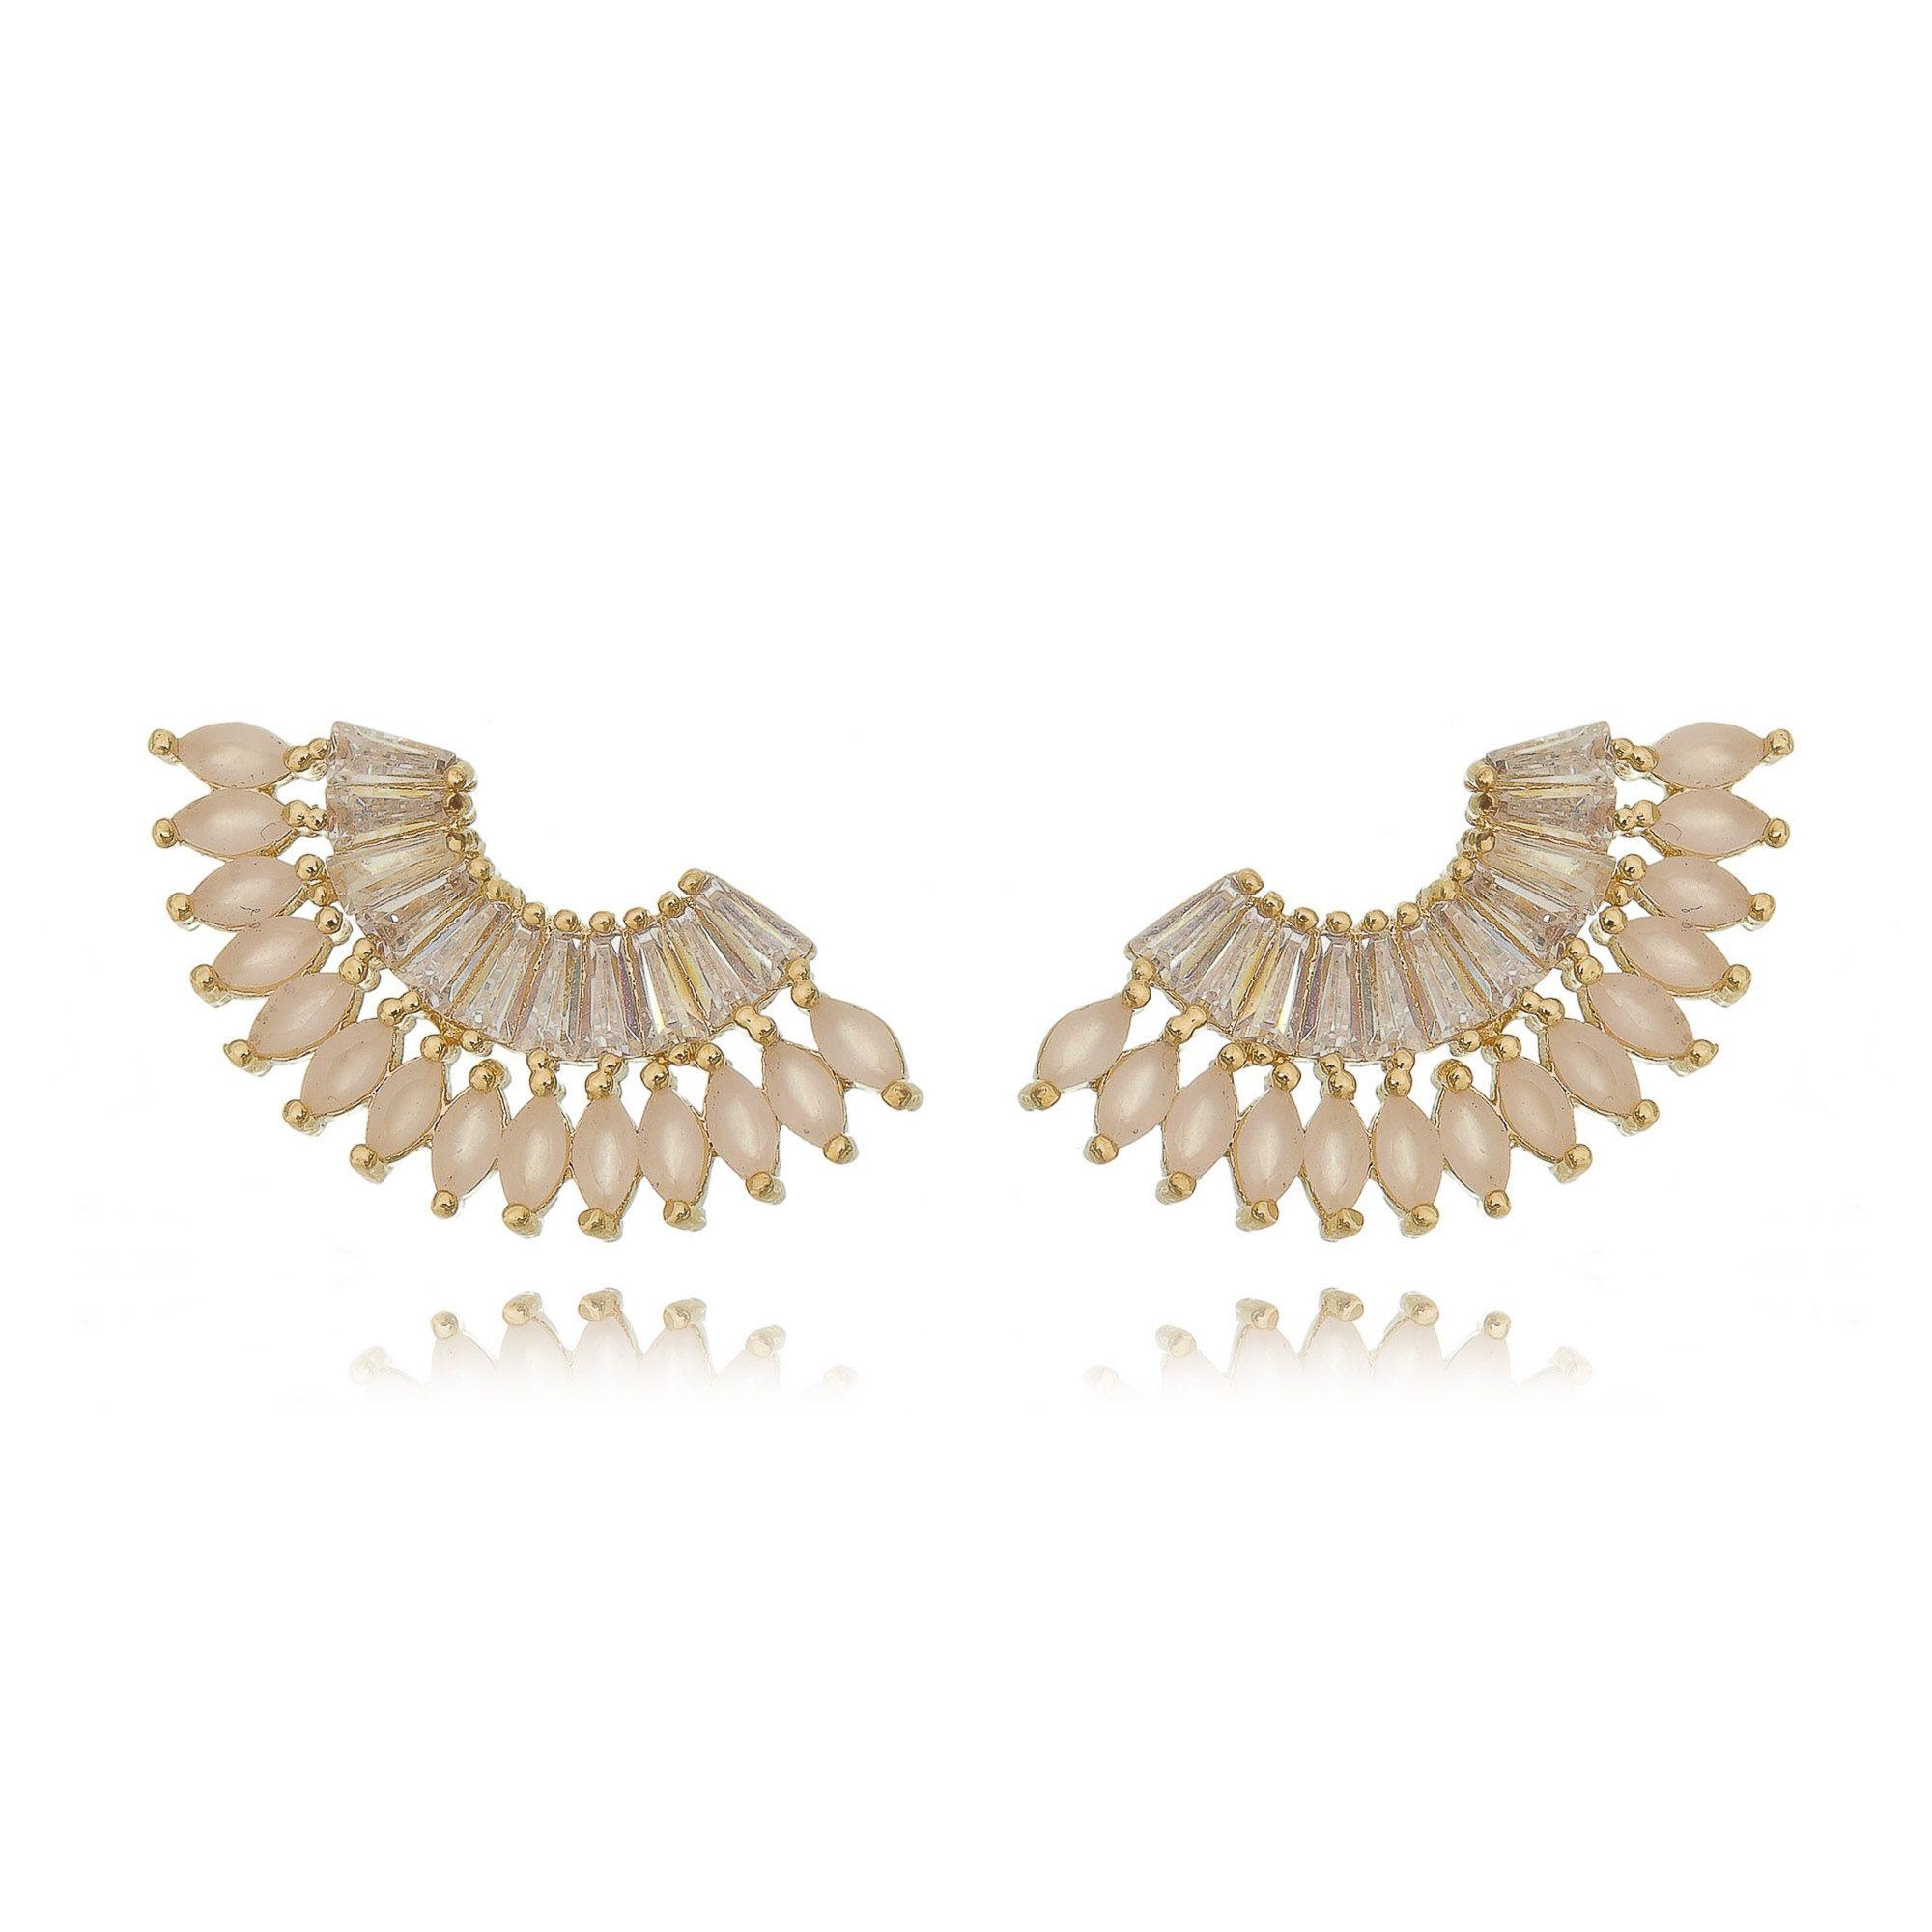 Ear Cuff Quartzo Rosa e Zircônia Cristal Semijoia Luxo Ouro 18K  - Soloyou